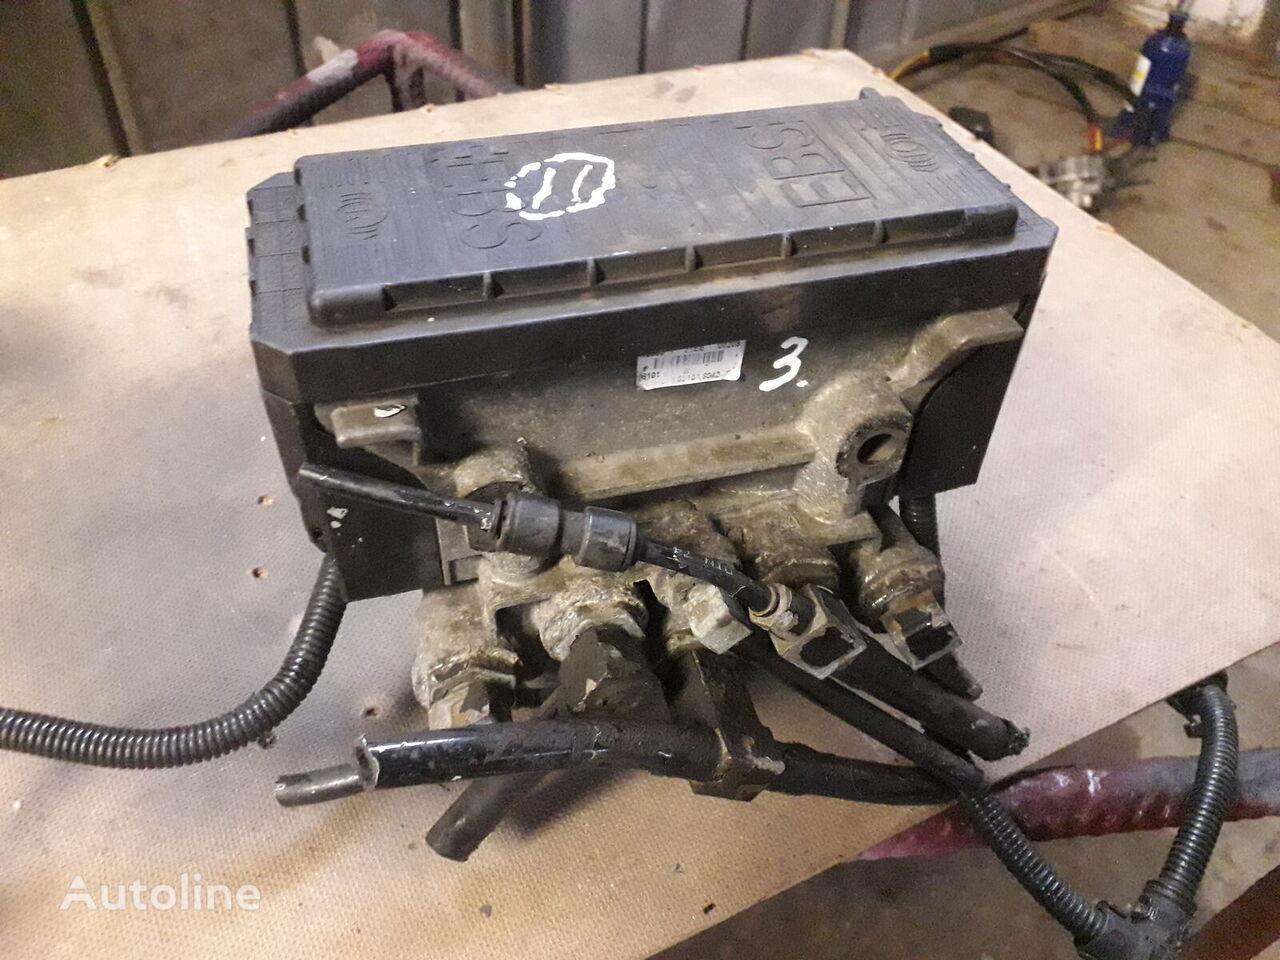 KNORR-BREMSE (81.52106.6042) EBS modulator for MAN TGA truck